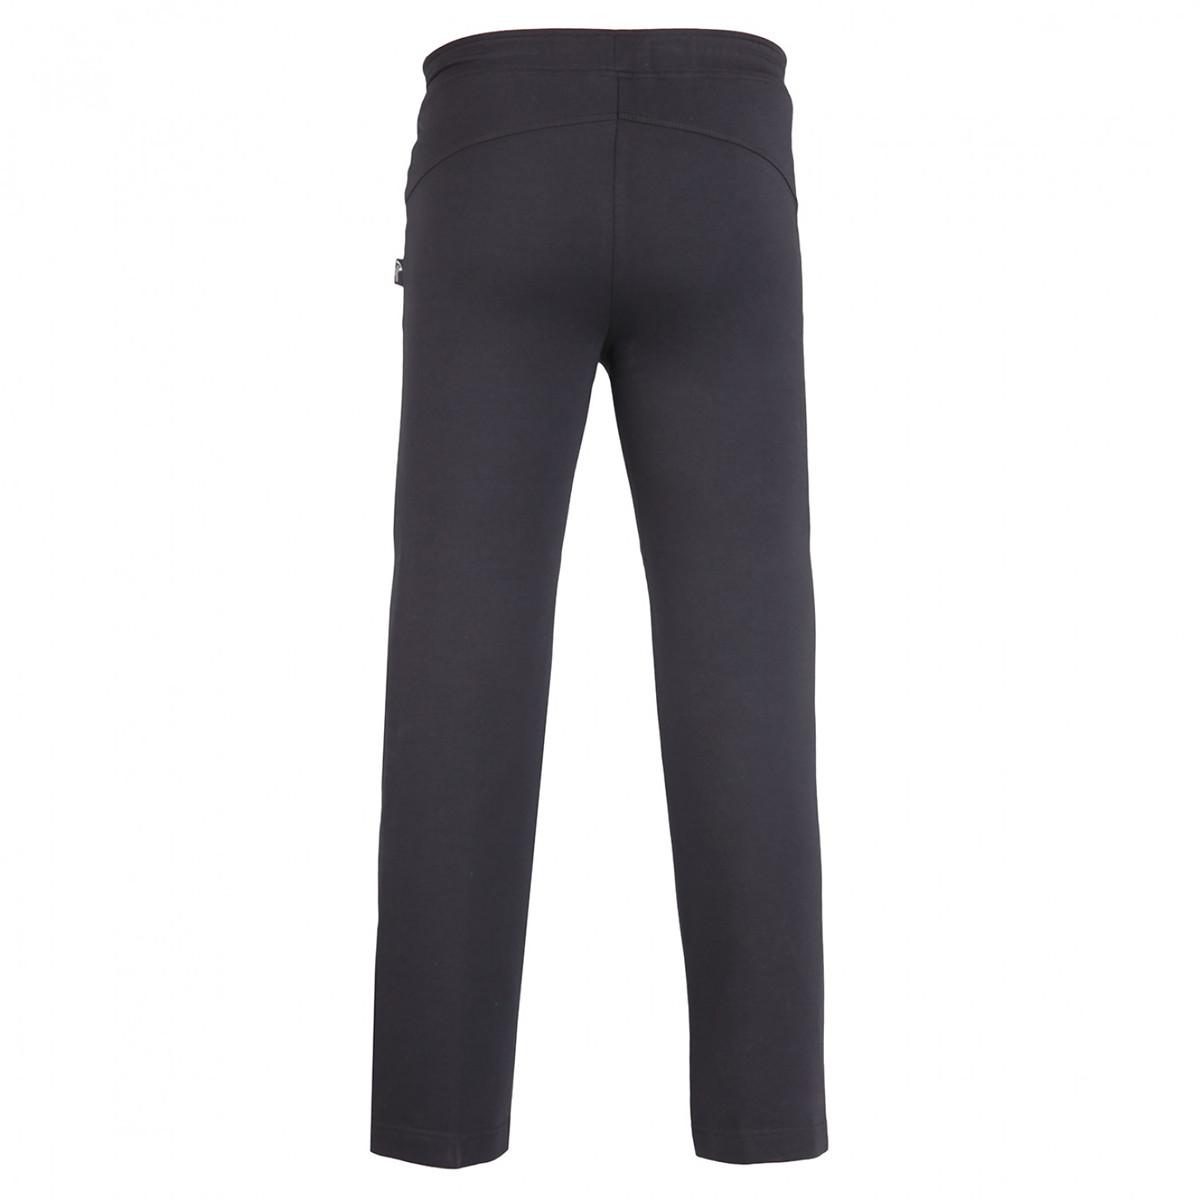 elegantes und robustes Paket erstklassige Qualität Dauerhafter Service Damen Sporthose Jogginghose Übergrößen Kurzgrößen Langgrößen ...